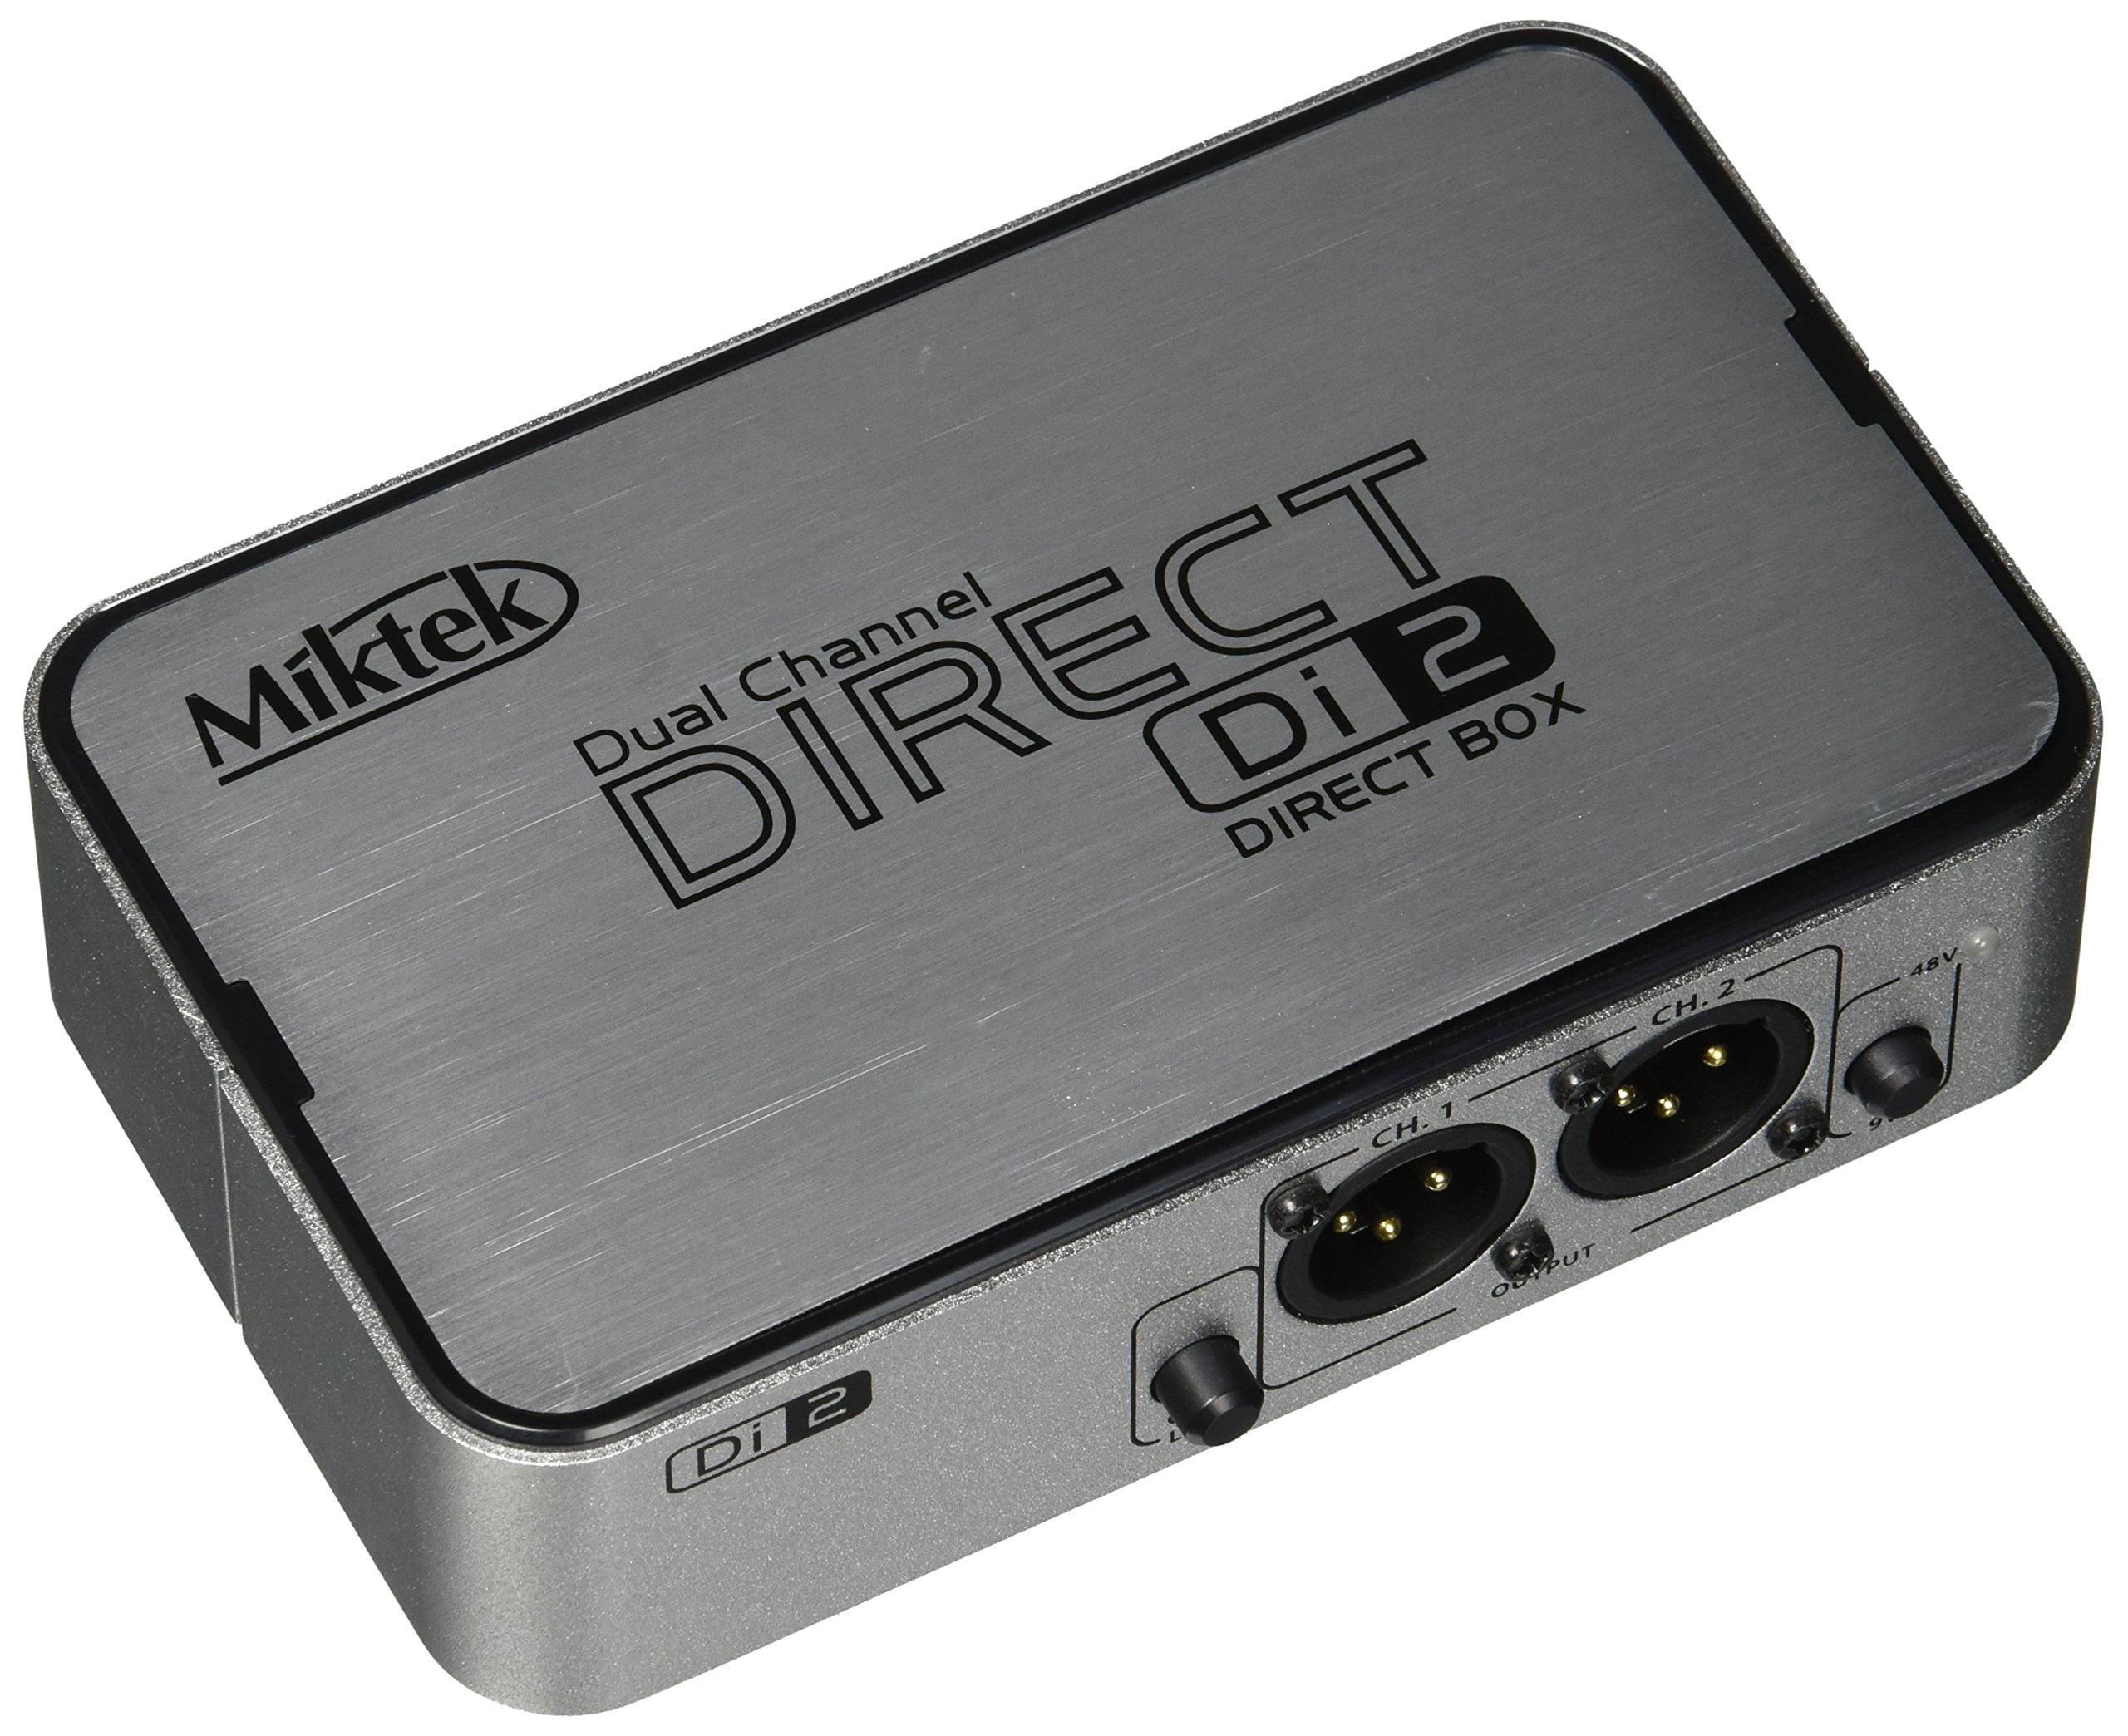 Mitek DI2 Miktek 2channel Active Direct Box by Mitek